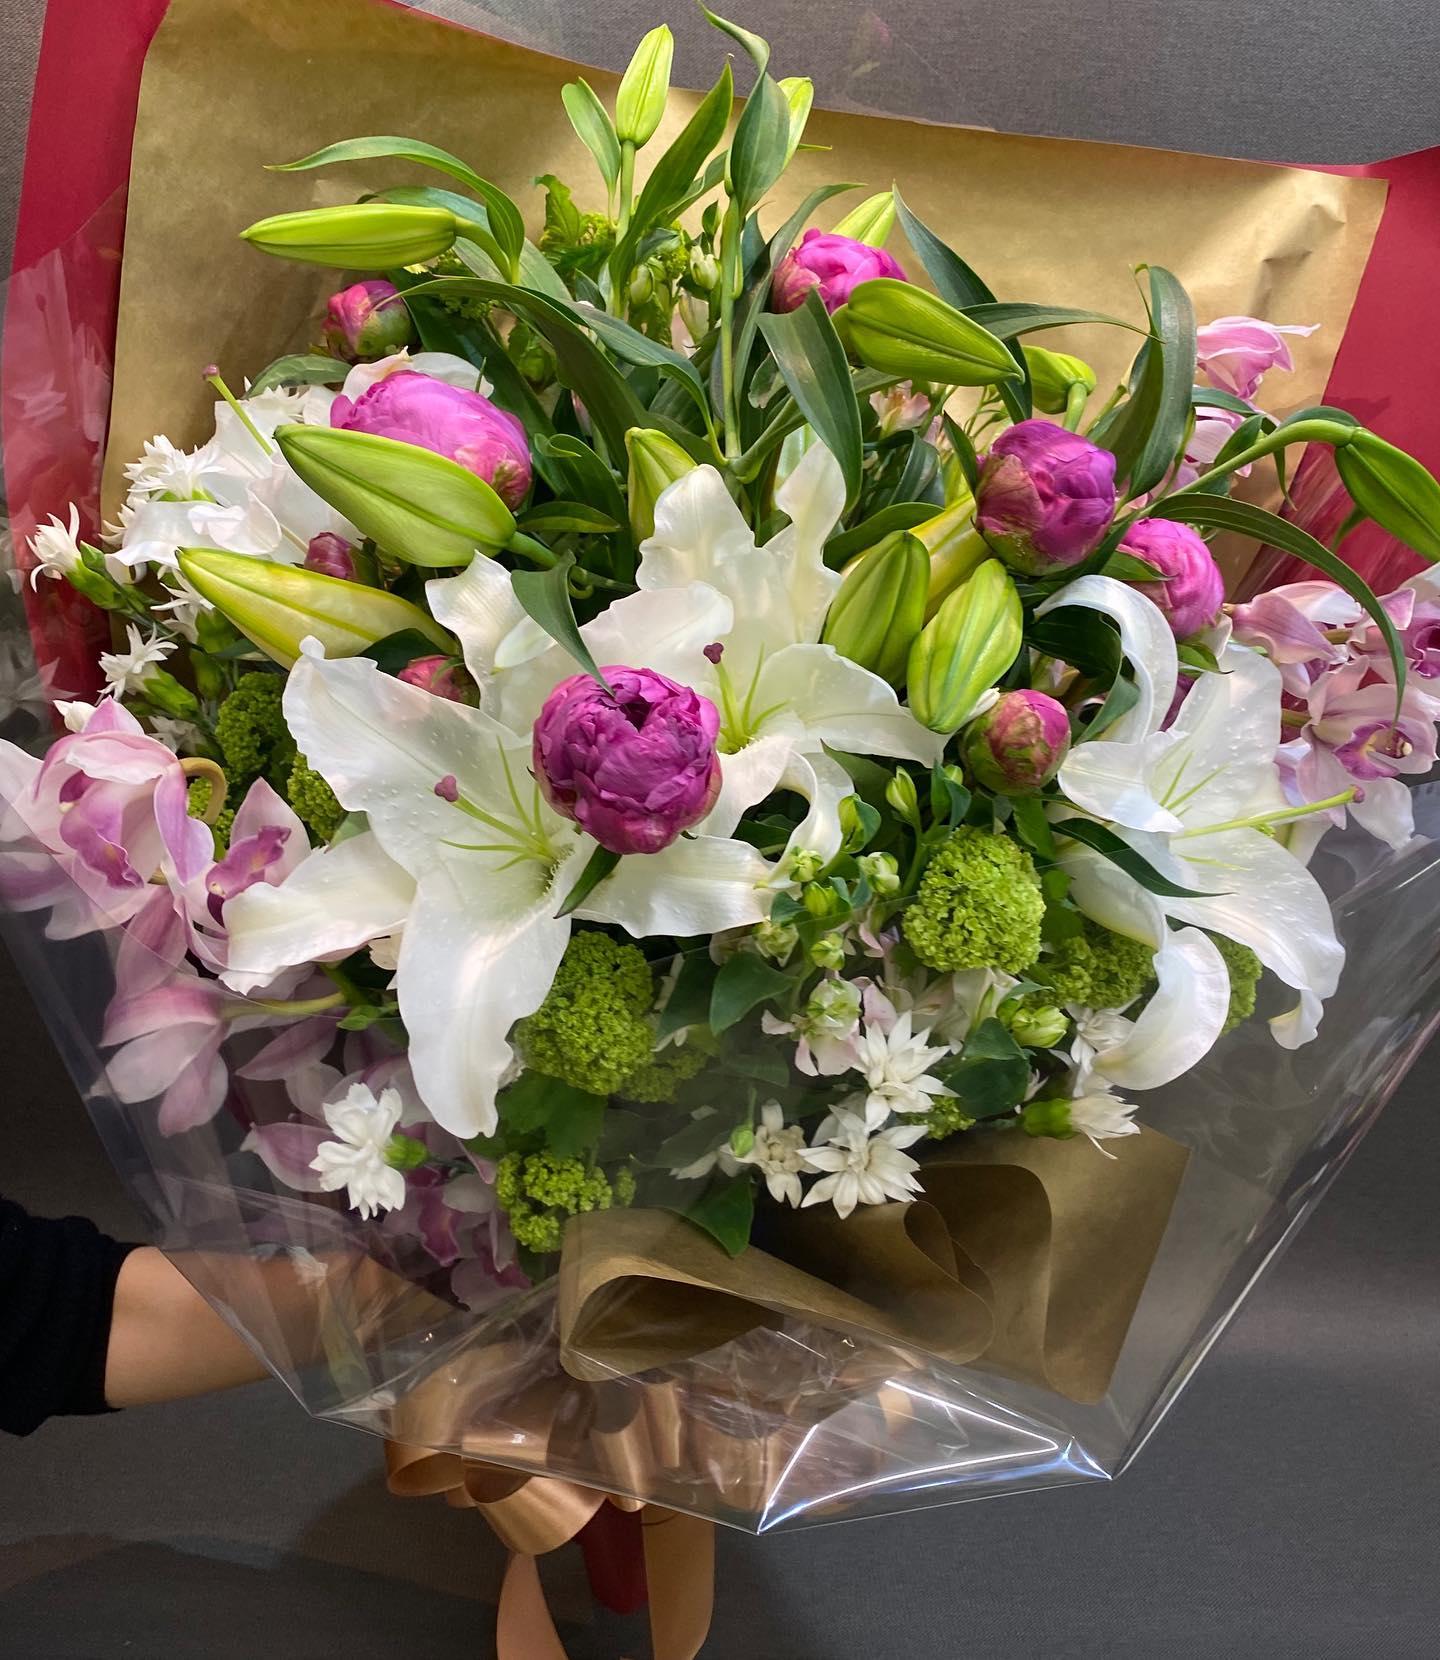 カサブランカとシャクヤクの花束です。シャクヤクのシーズン到来です^ ^母の日で予想以上のご注文を頂きありがとうございました♂️ #カサブランカ#シャクヤク#芍薬バンカーヒル#スノーボール